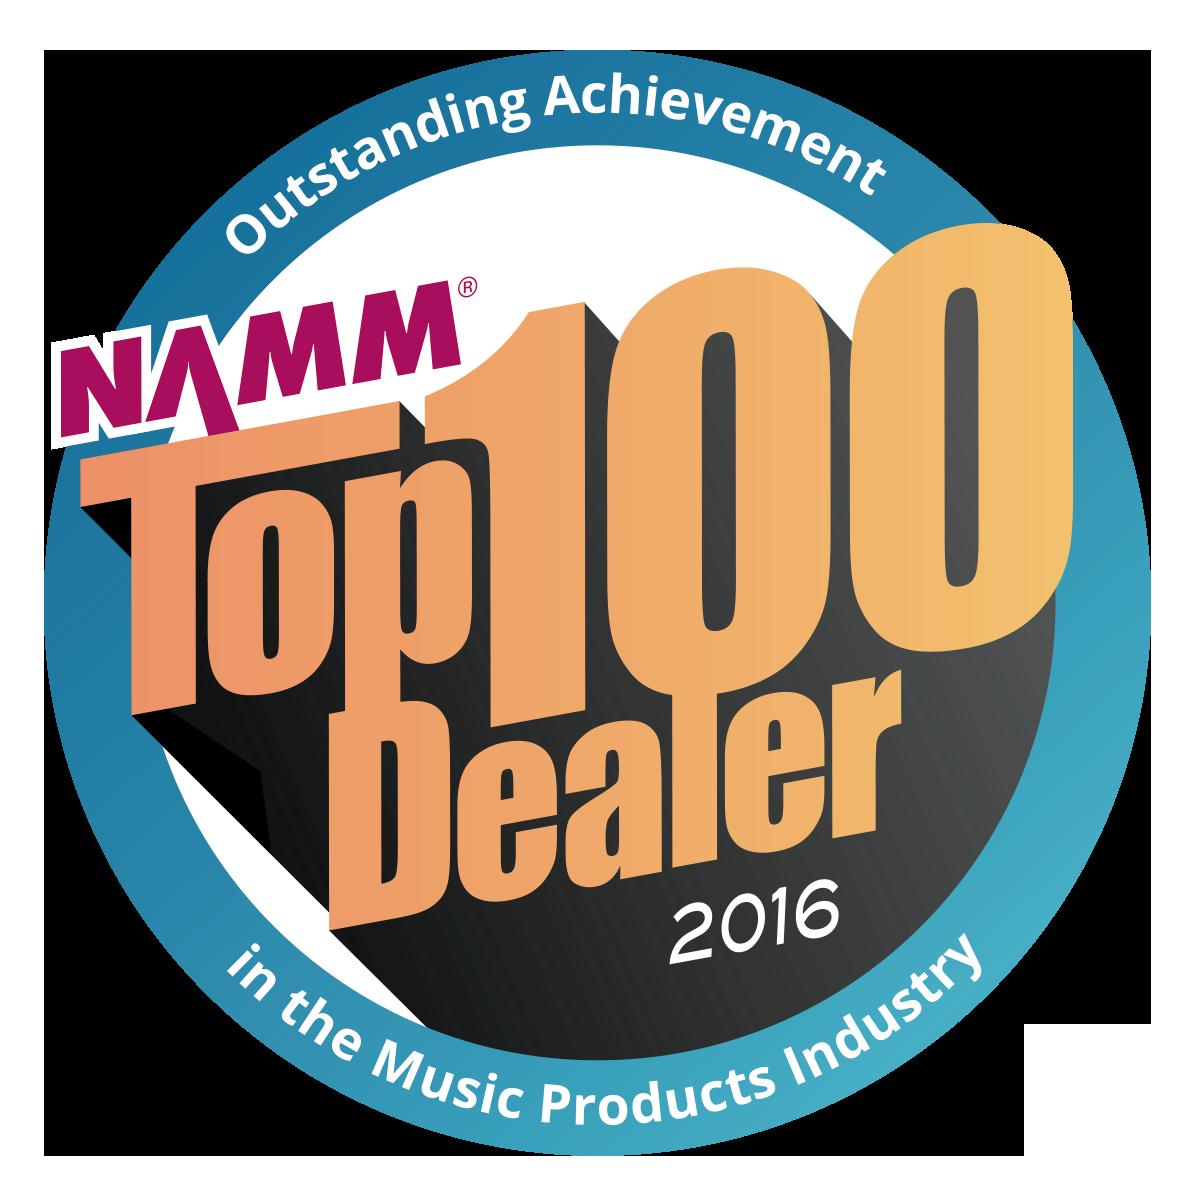 Top100_Dealer-V2.png